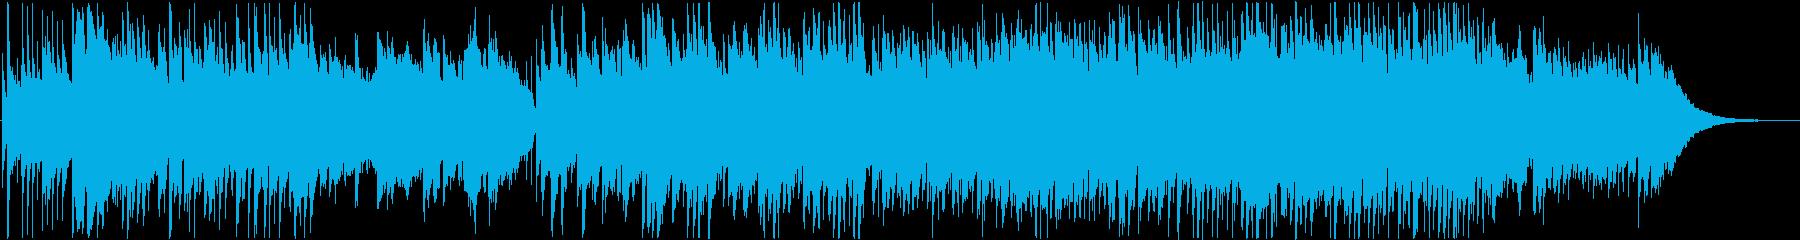 ほっこり優しい、アコースティックバラードの再生済みの波形